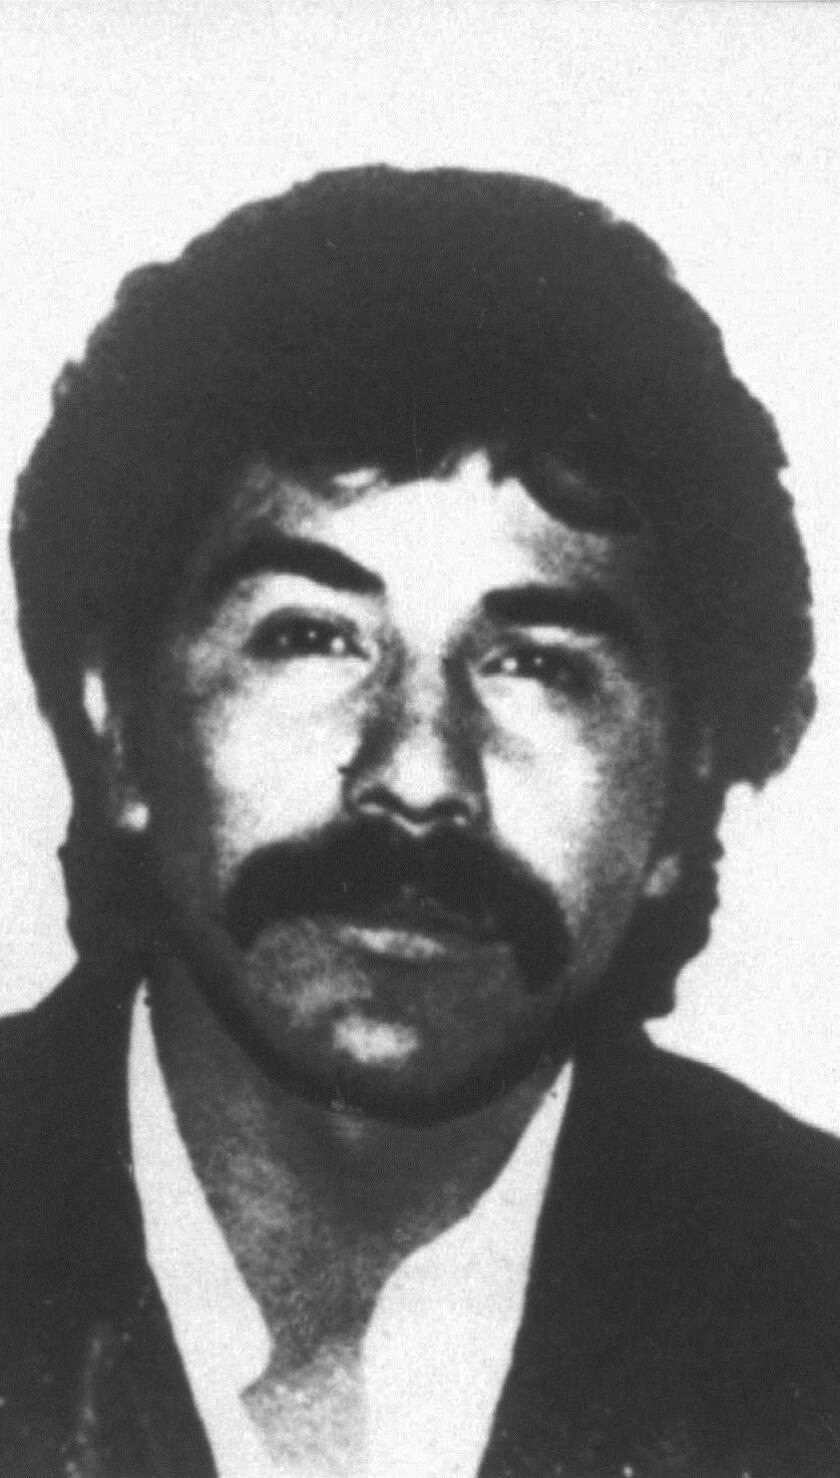 Caro Quintero está prófugo desde 2013, cuando fue puesto en libertad por error después de que purgara 28 de los 40 años de cárcel a los que fue sentenciado en relación al secuestro, tortura y asesinato en 1985 del agente de la DEA, Enrique Camarena.